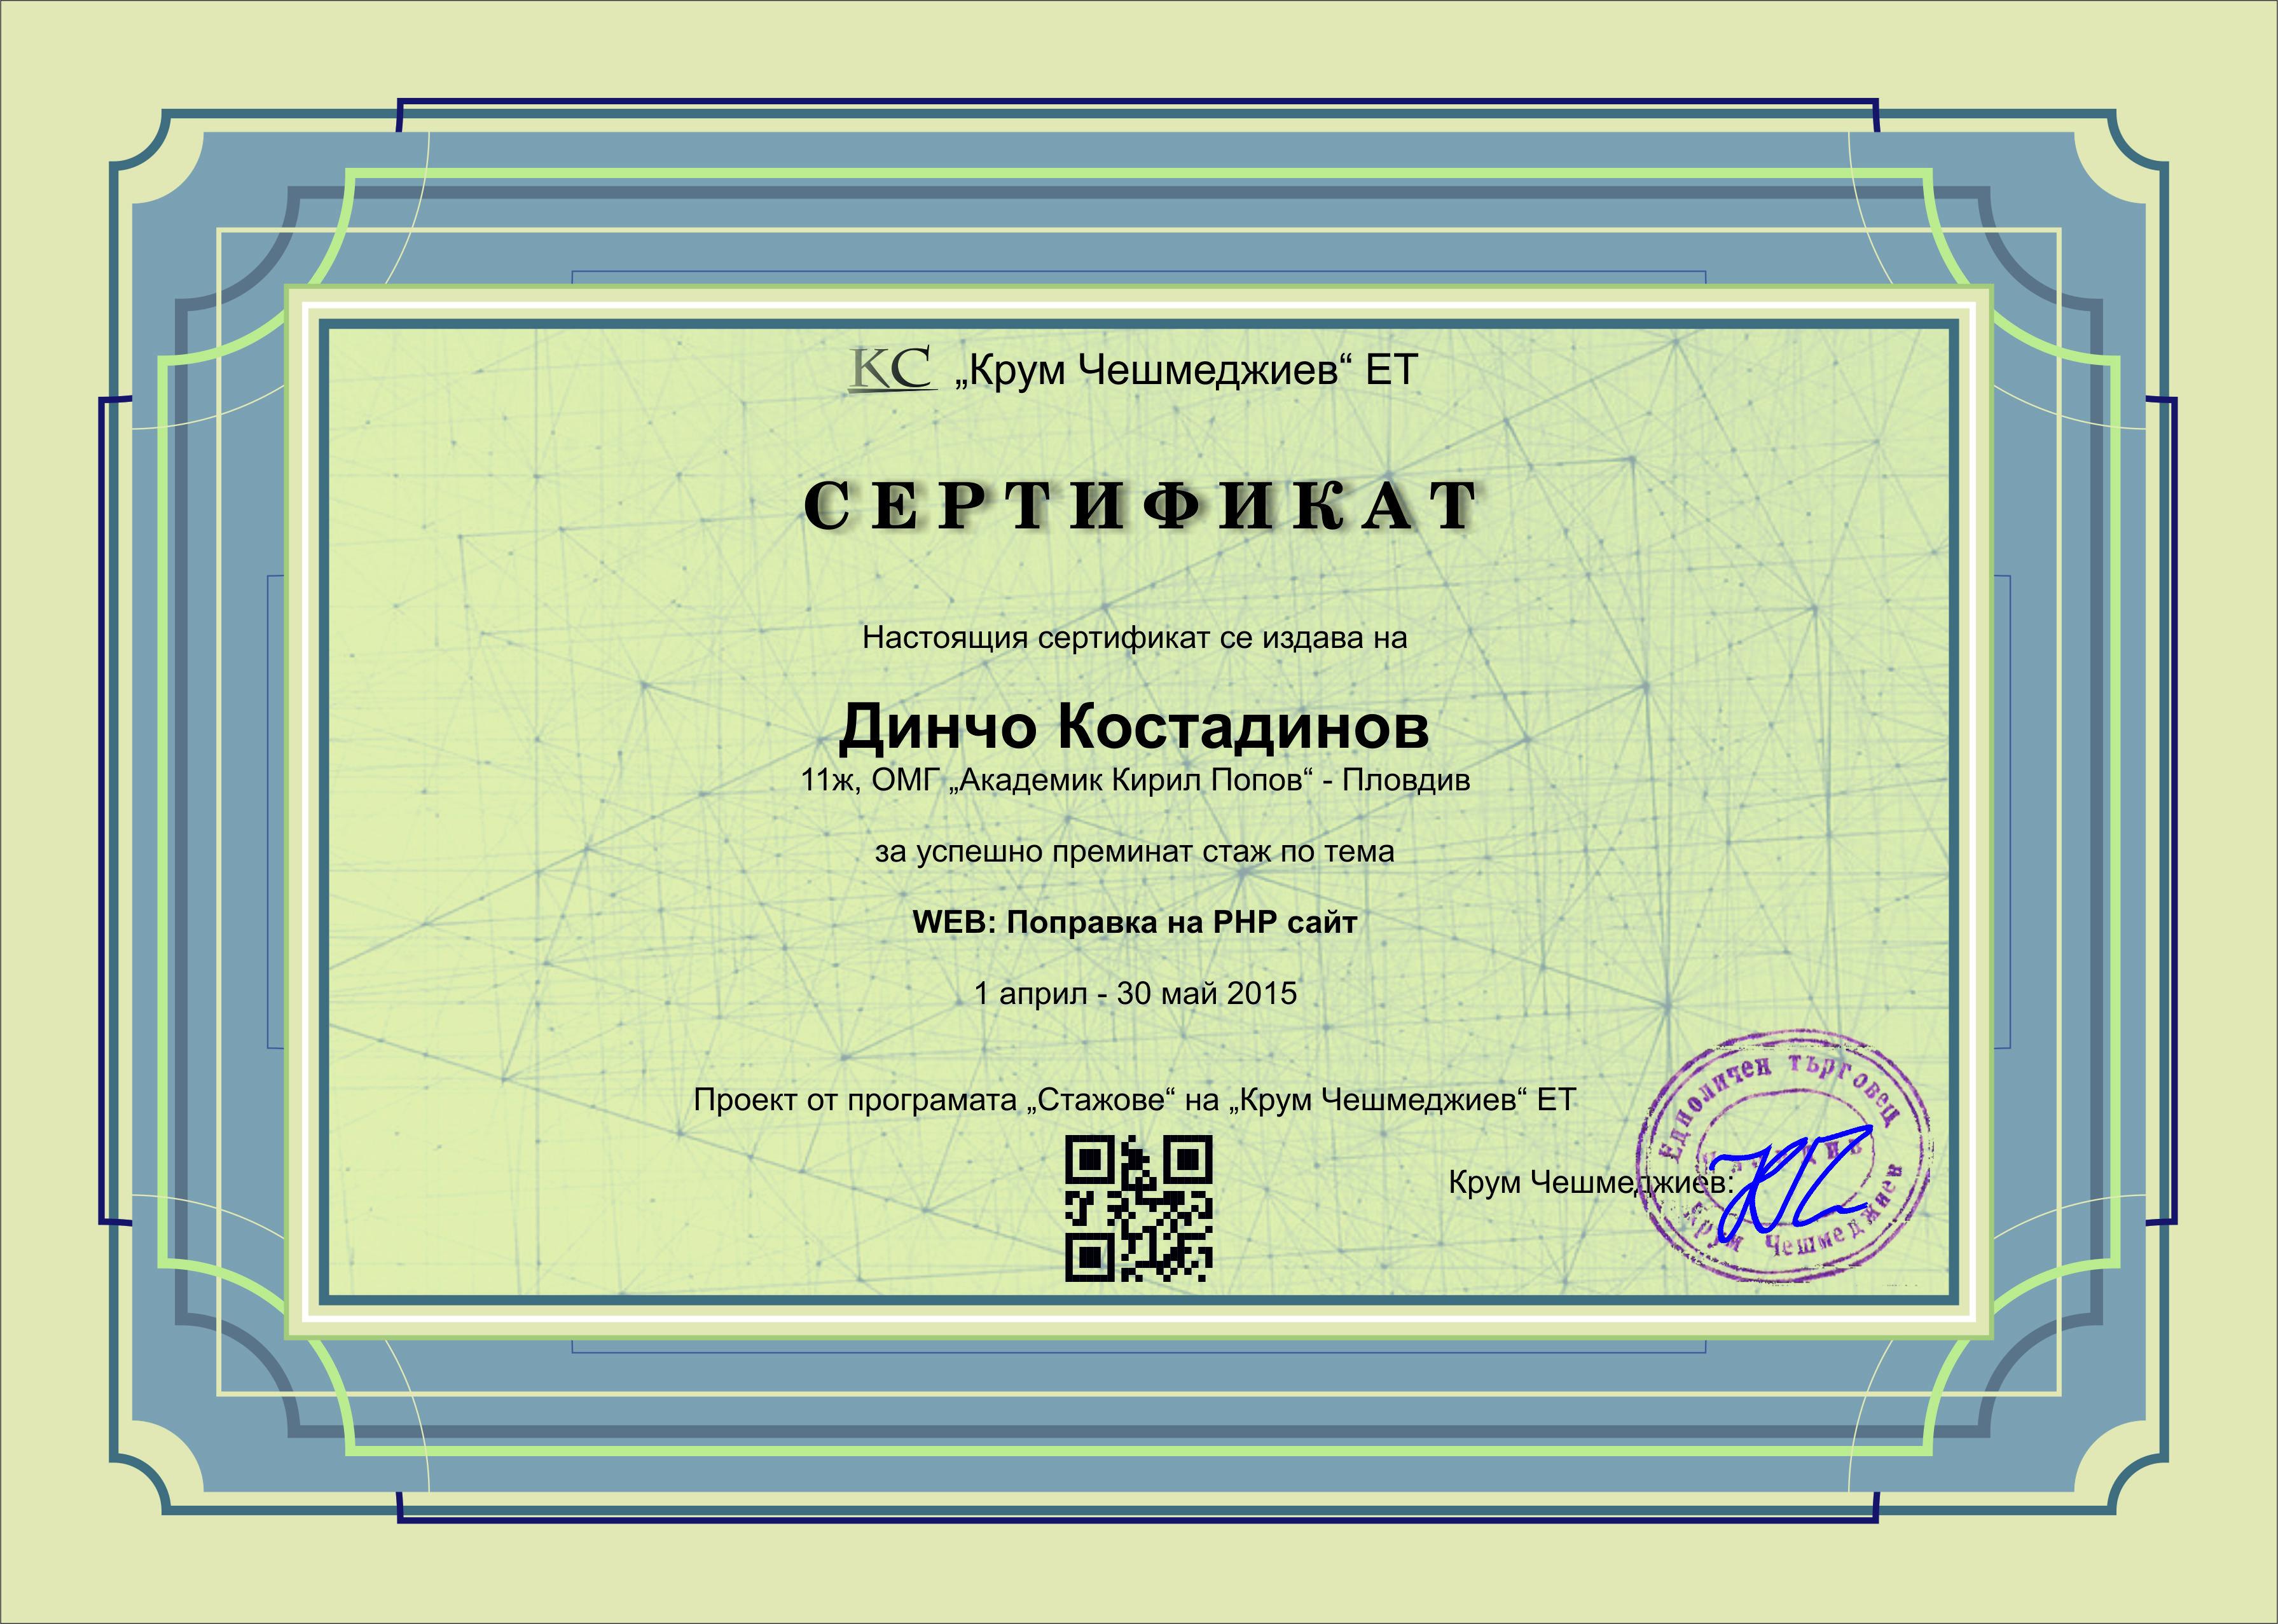 Динчо Костадинов (сертификат)